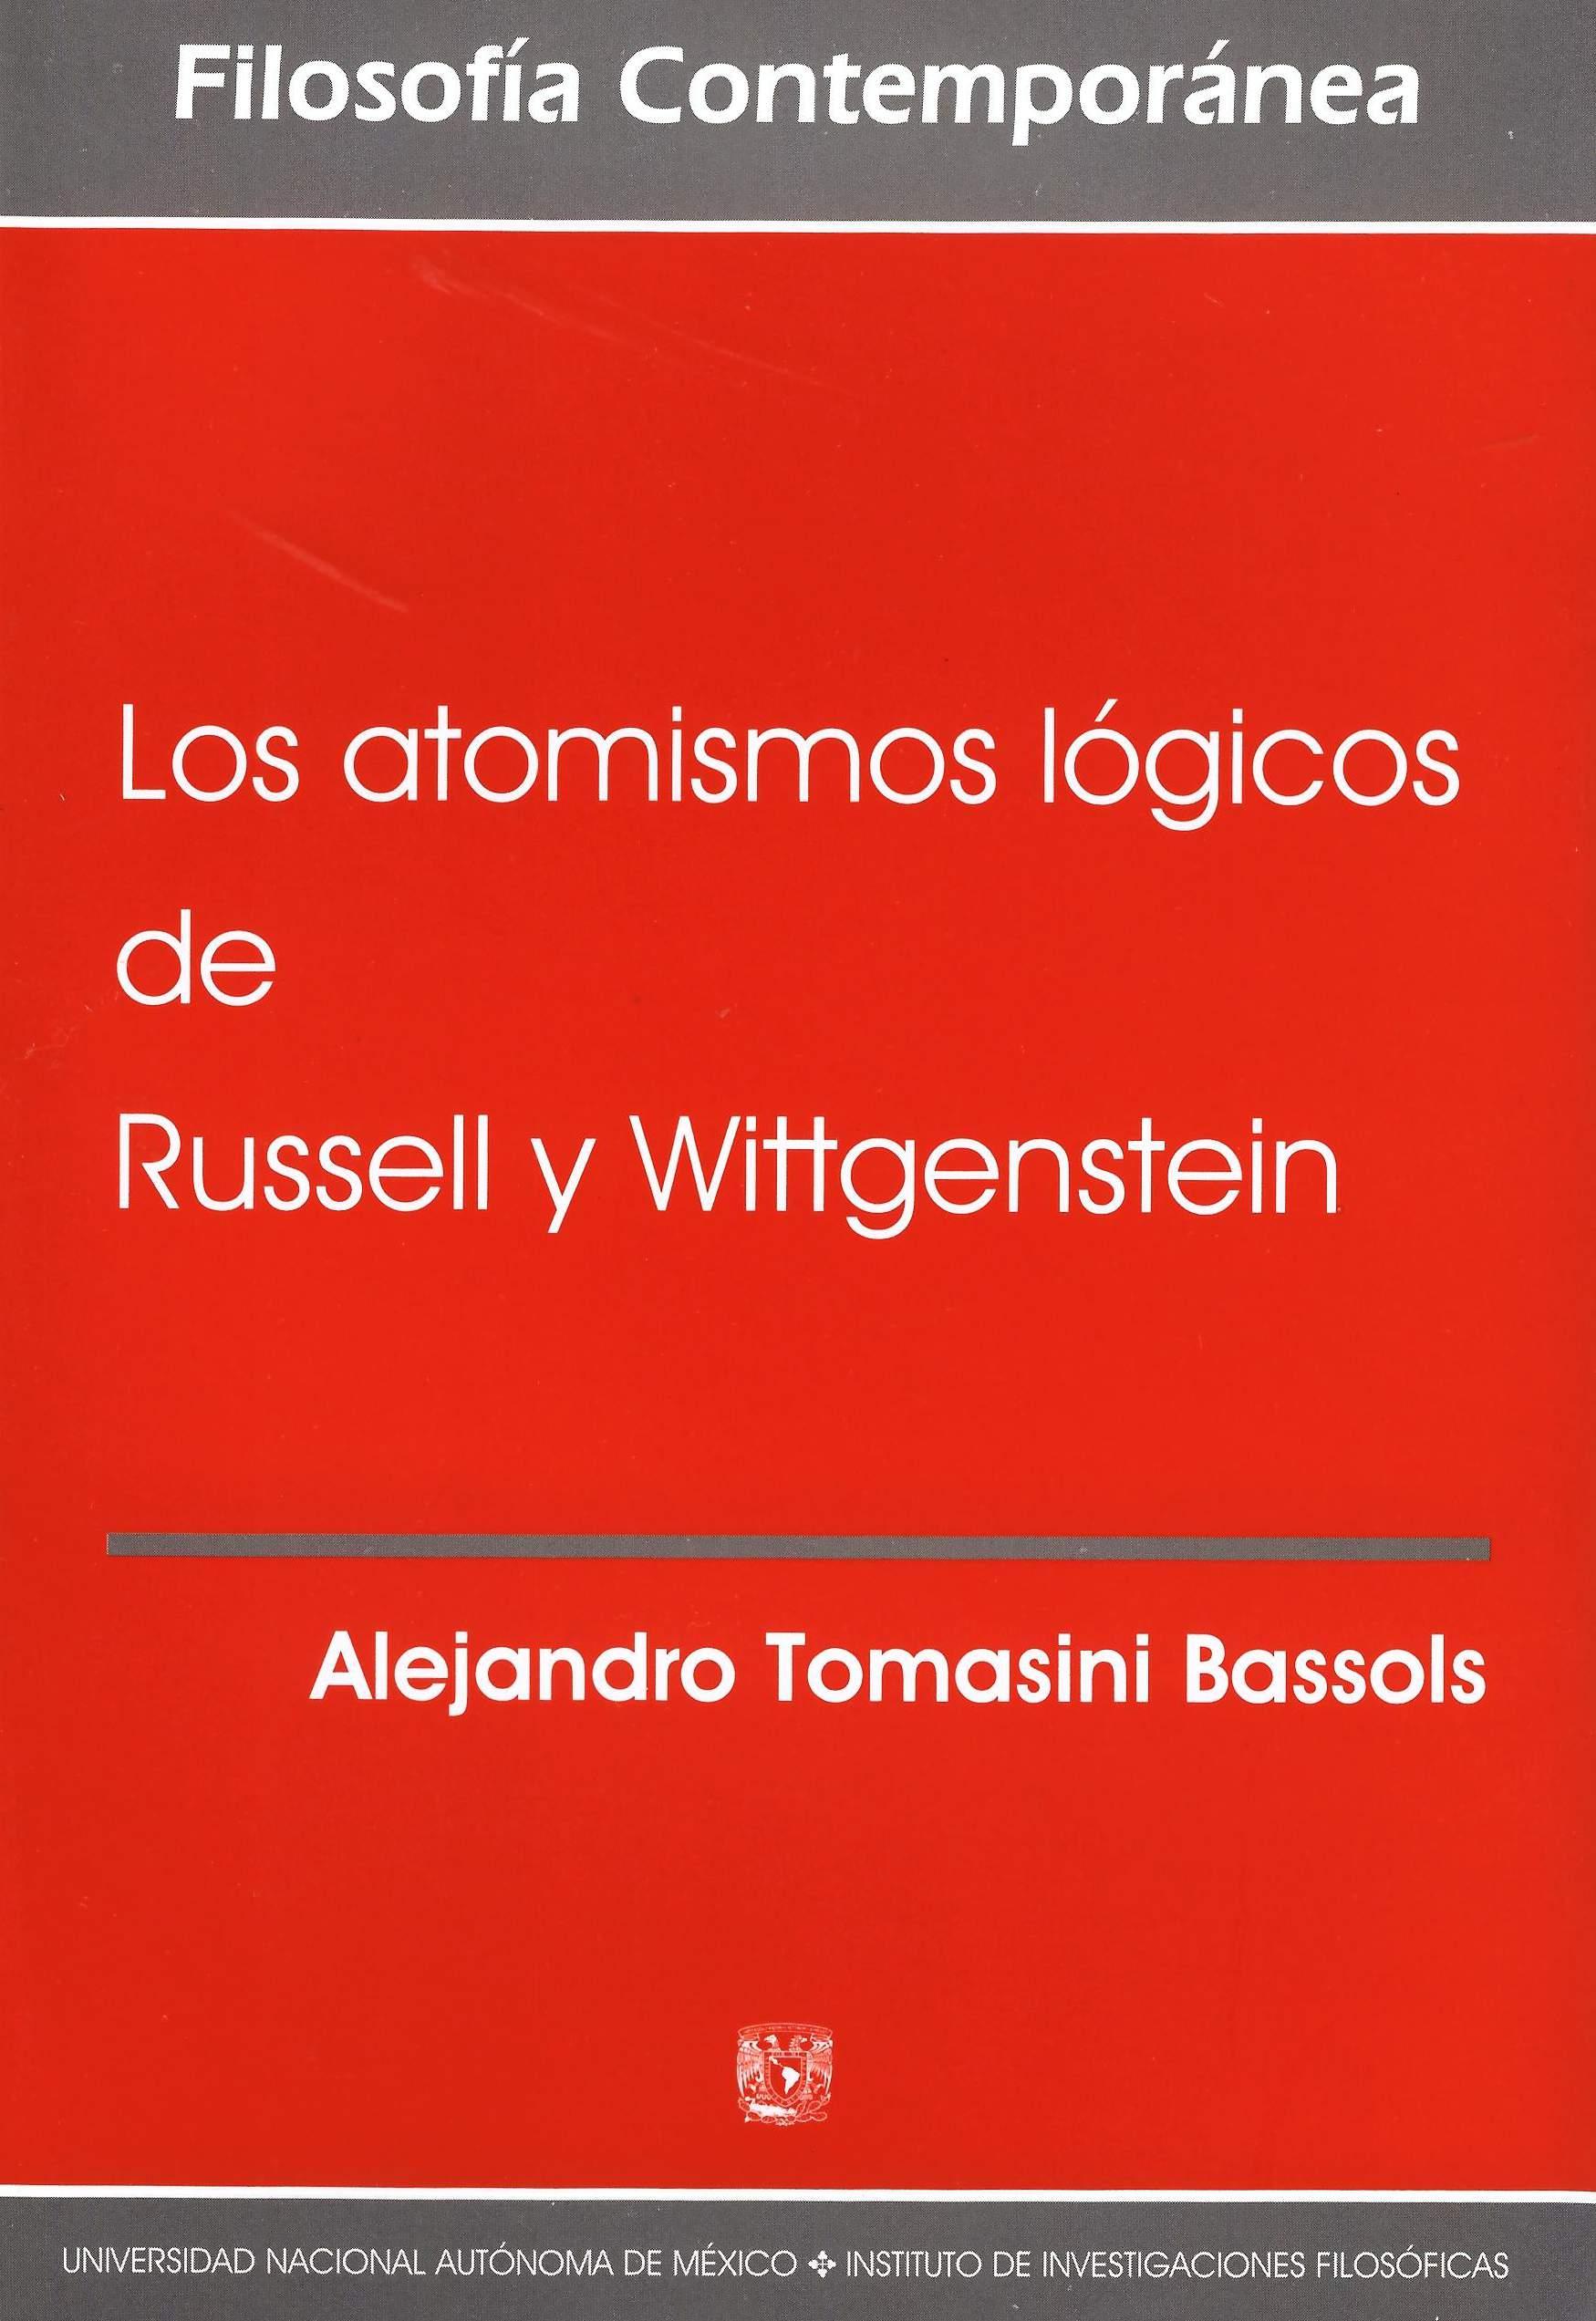 Los atomismos lógicos de Russell y Wittgenstein